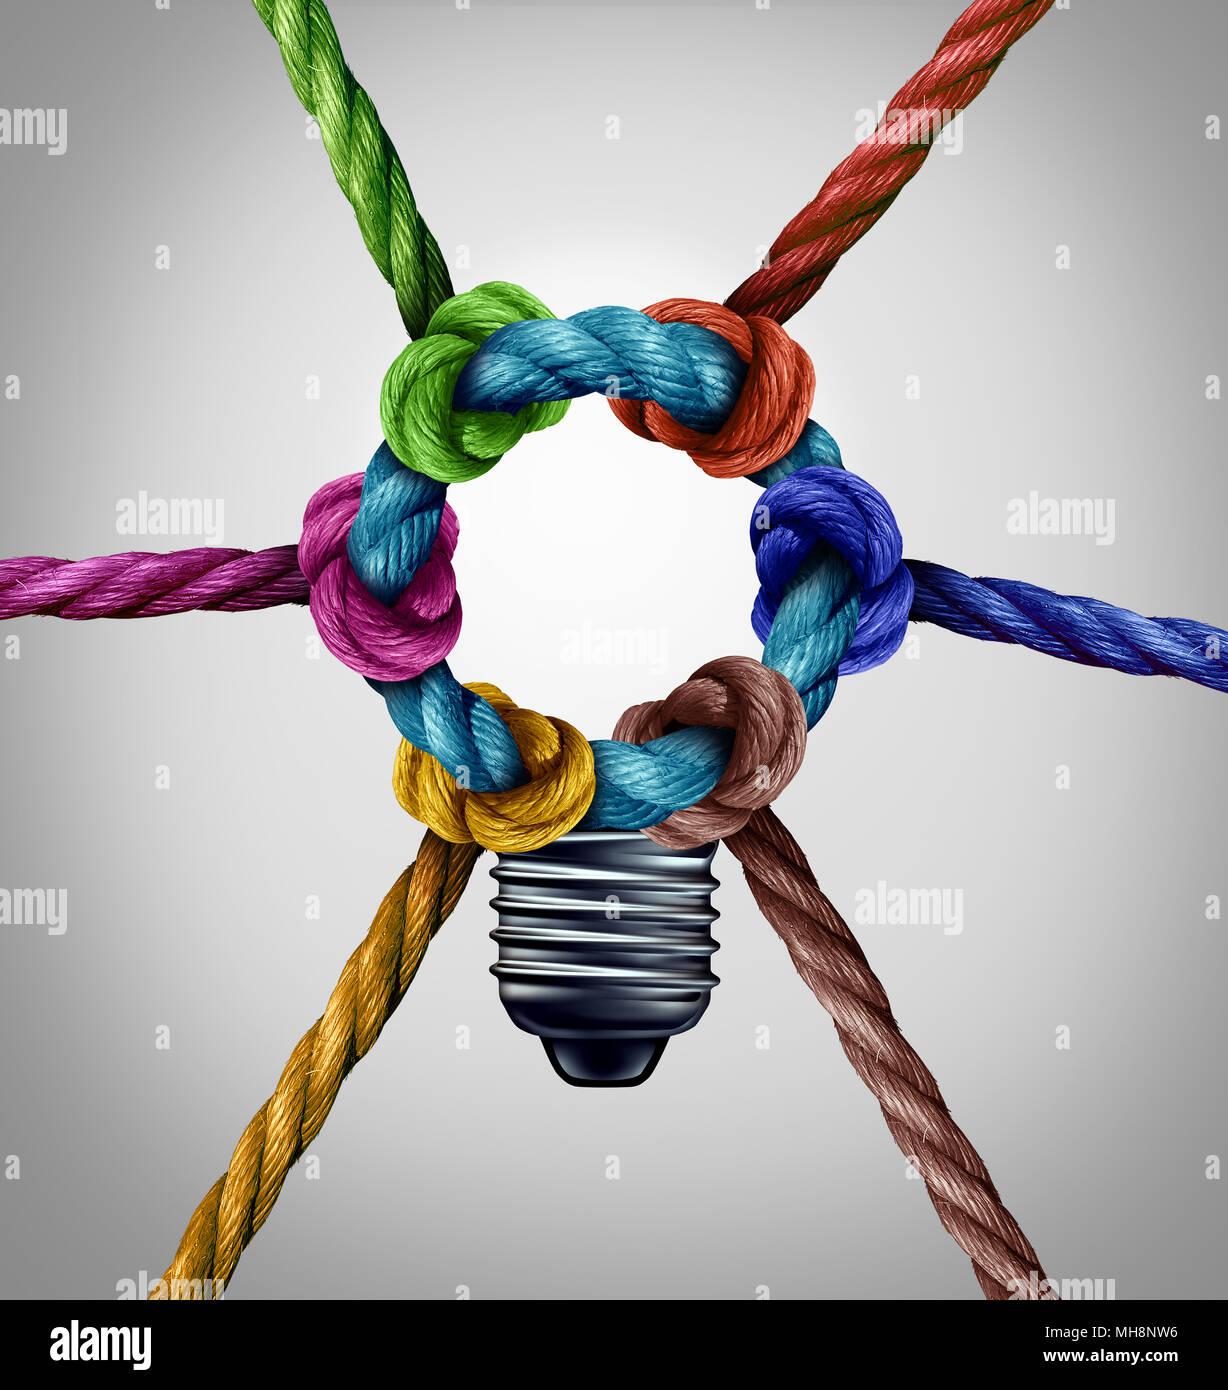 La creatividad como concepto central un grupo de inspiración la idea de conexión tan diversos cabos atados juntos como un equipo símbolo con ilustración 3D elementos. Imagen De Stock